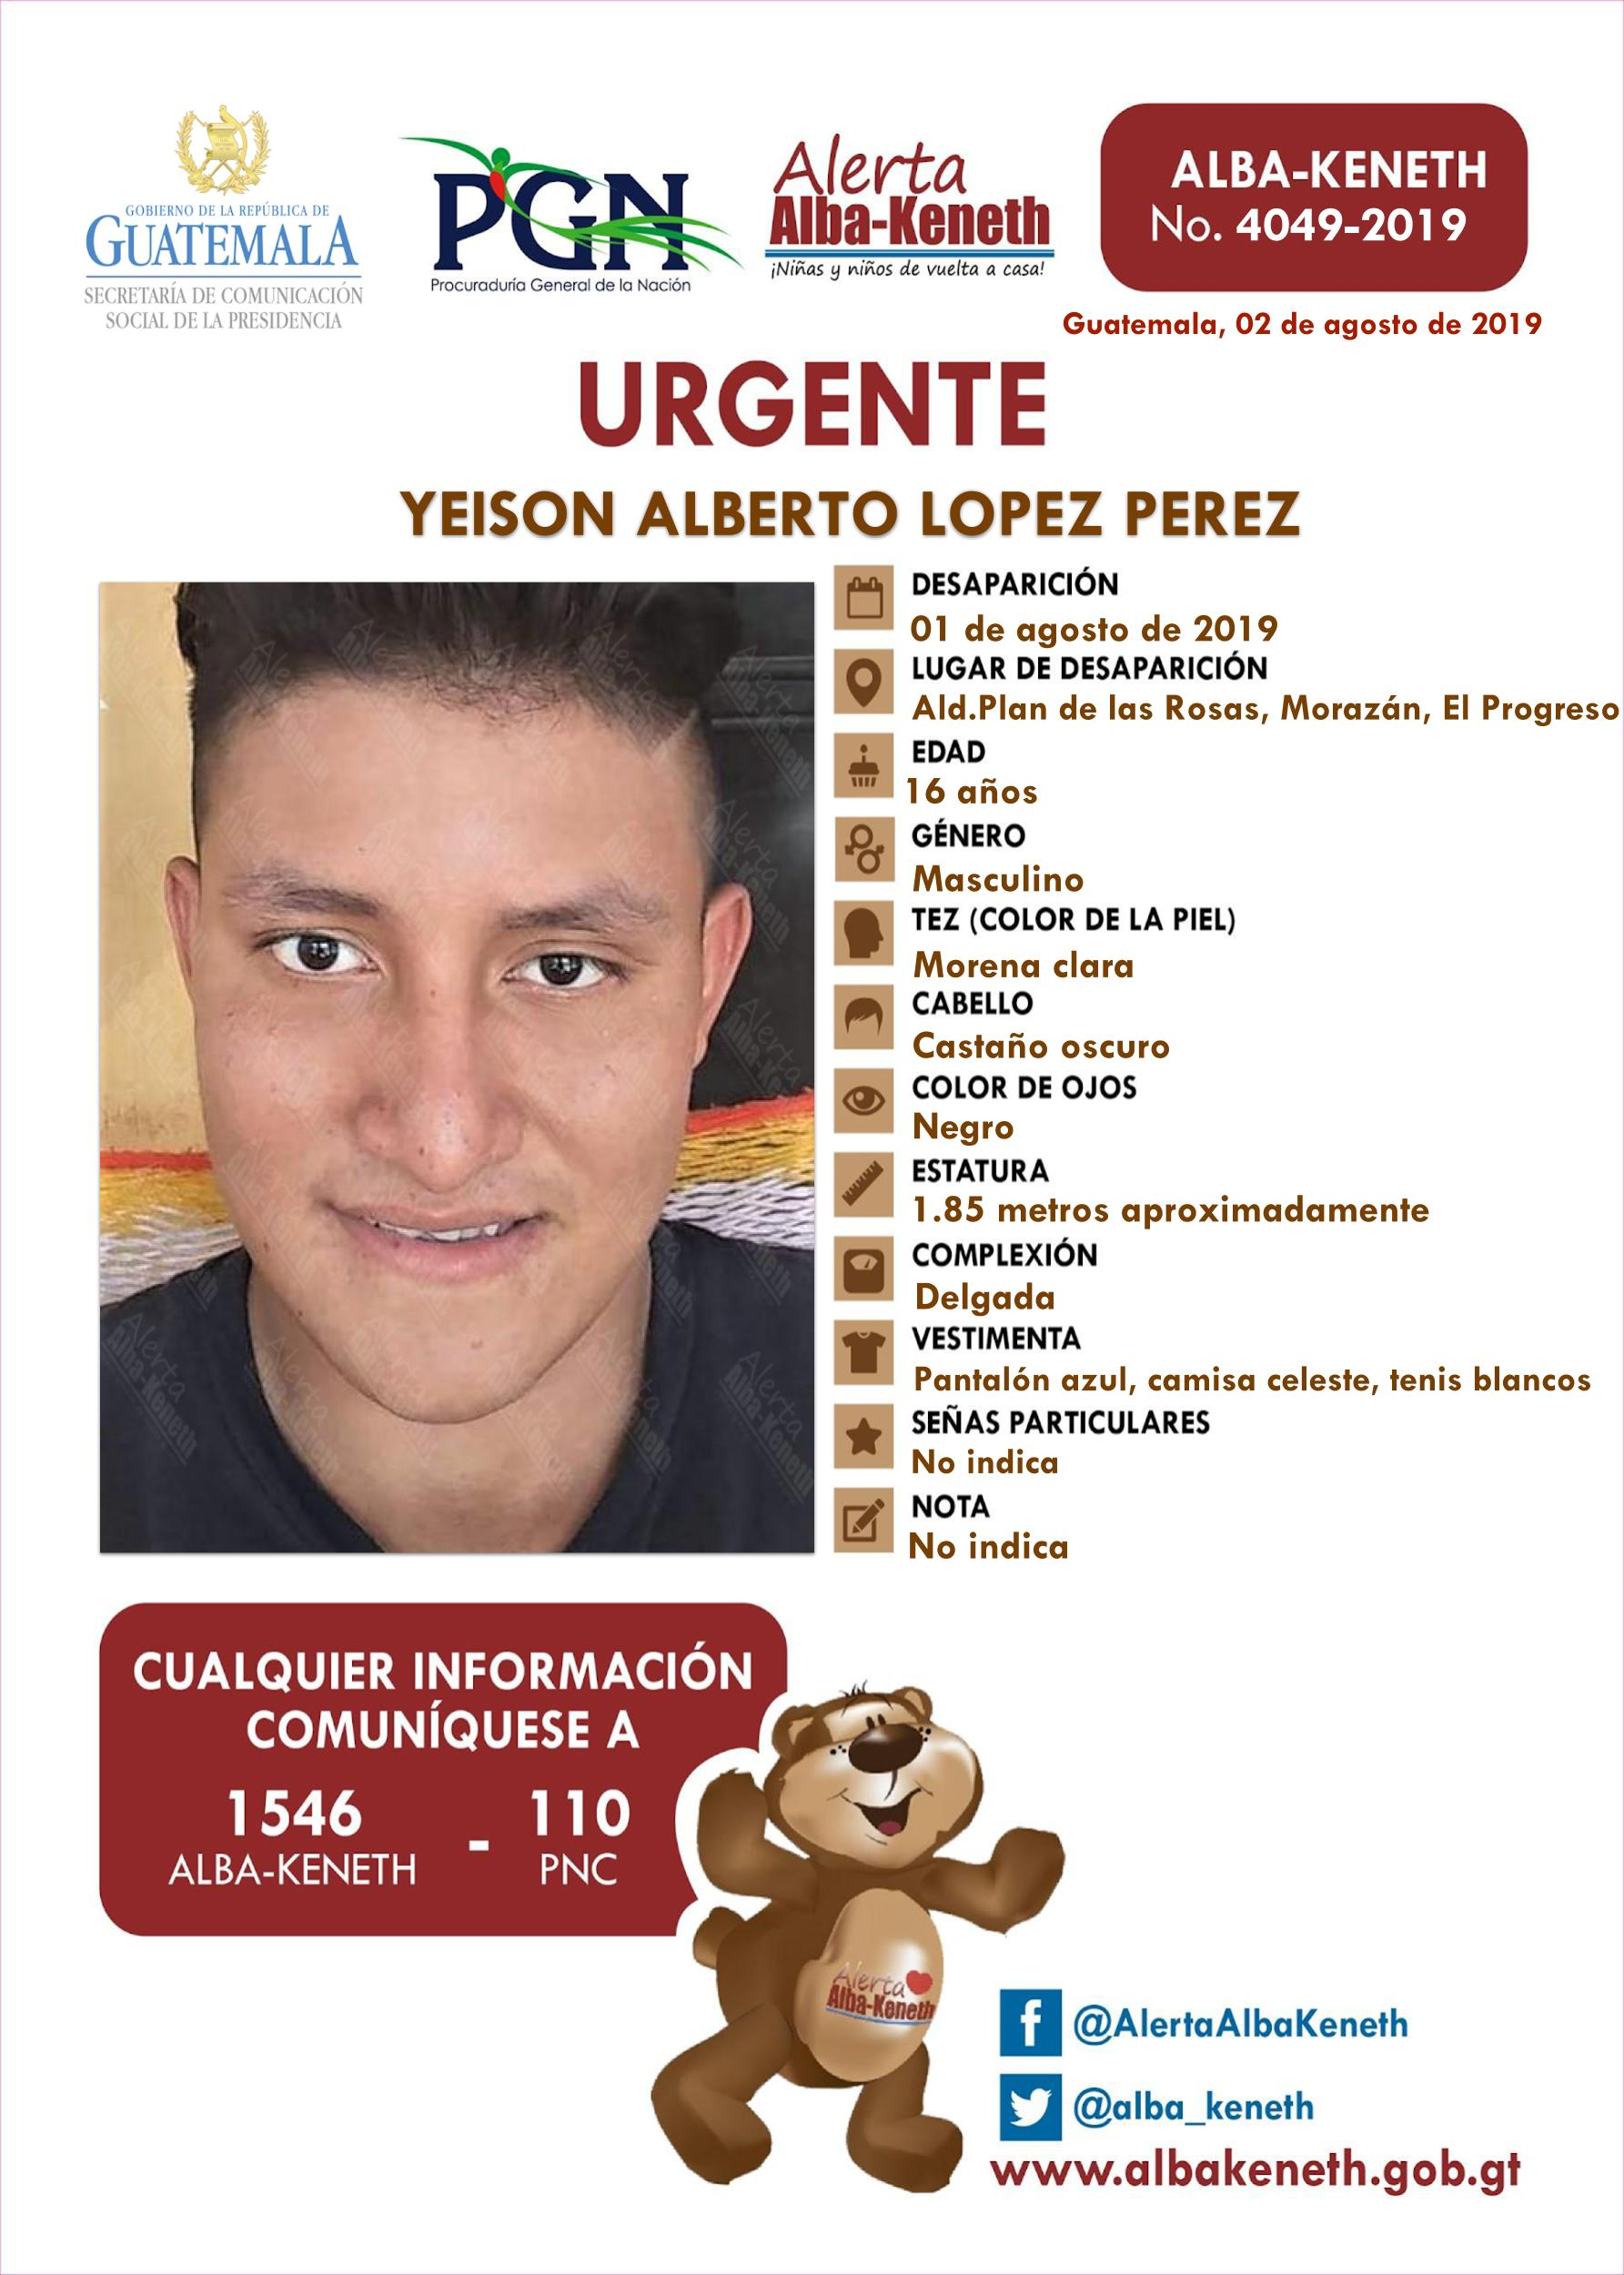 Yeison Alberto Lopez Perez